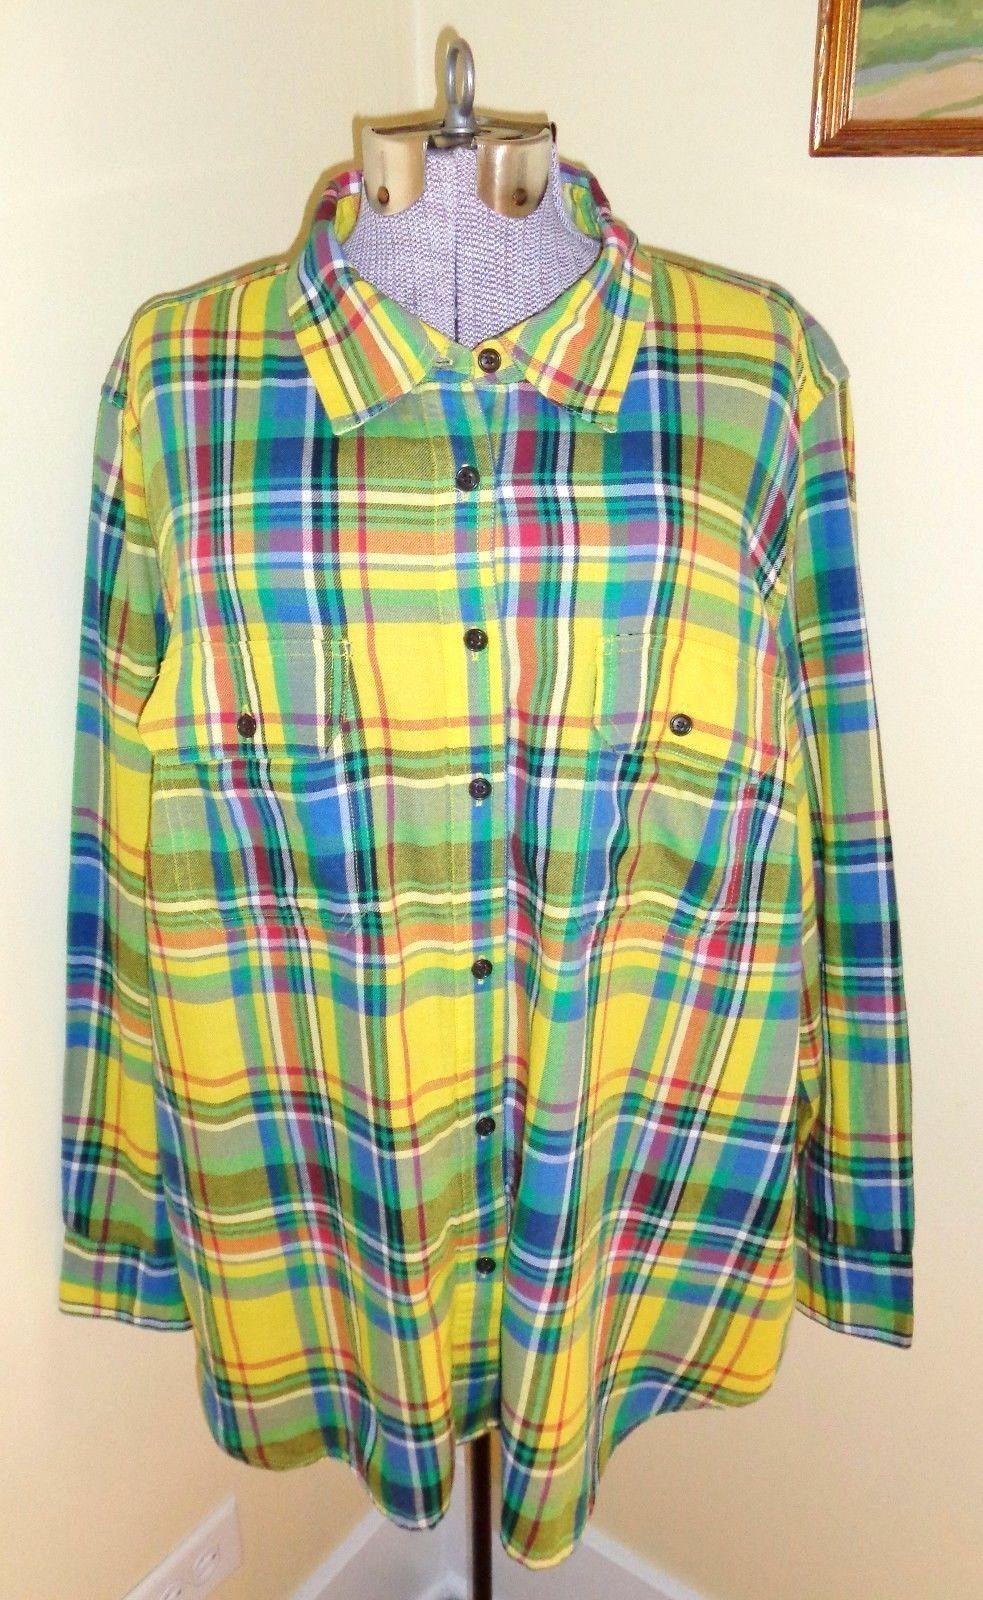 Flannel shirt plus size  Womens Plus Size X Chaps Plaid Lightweight Cotton Flannel Shirt Top